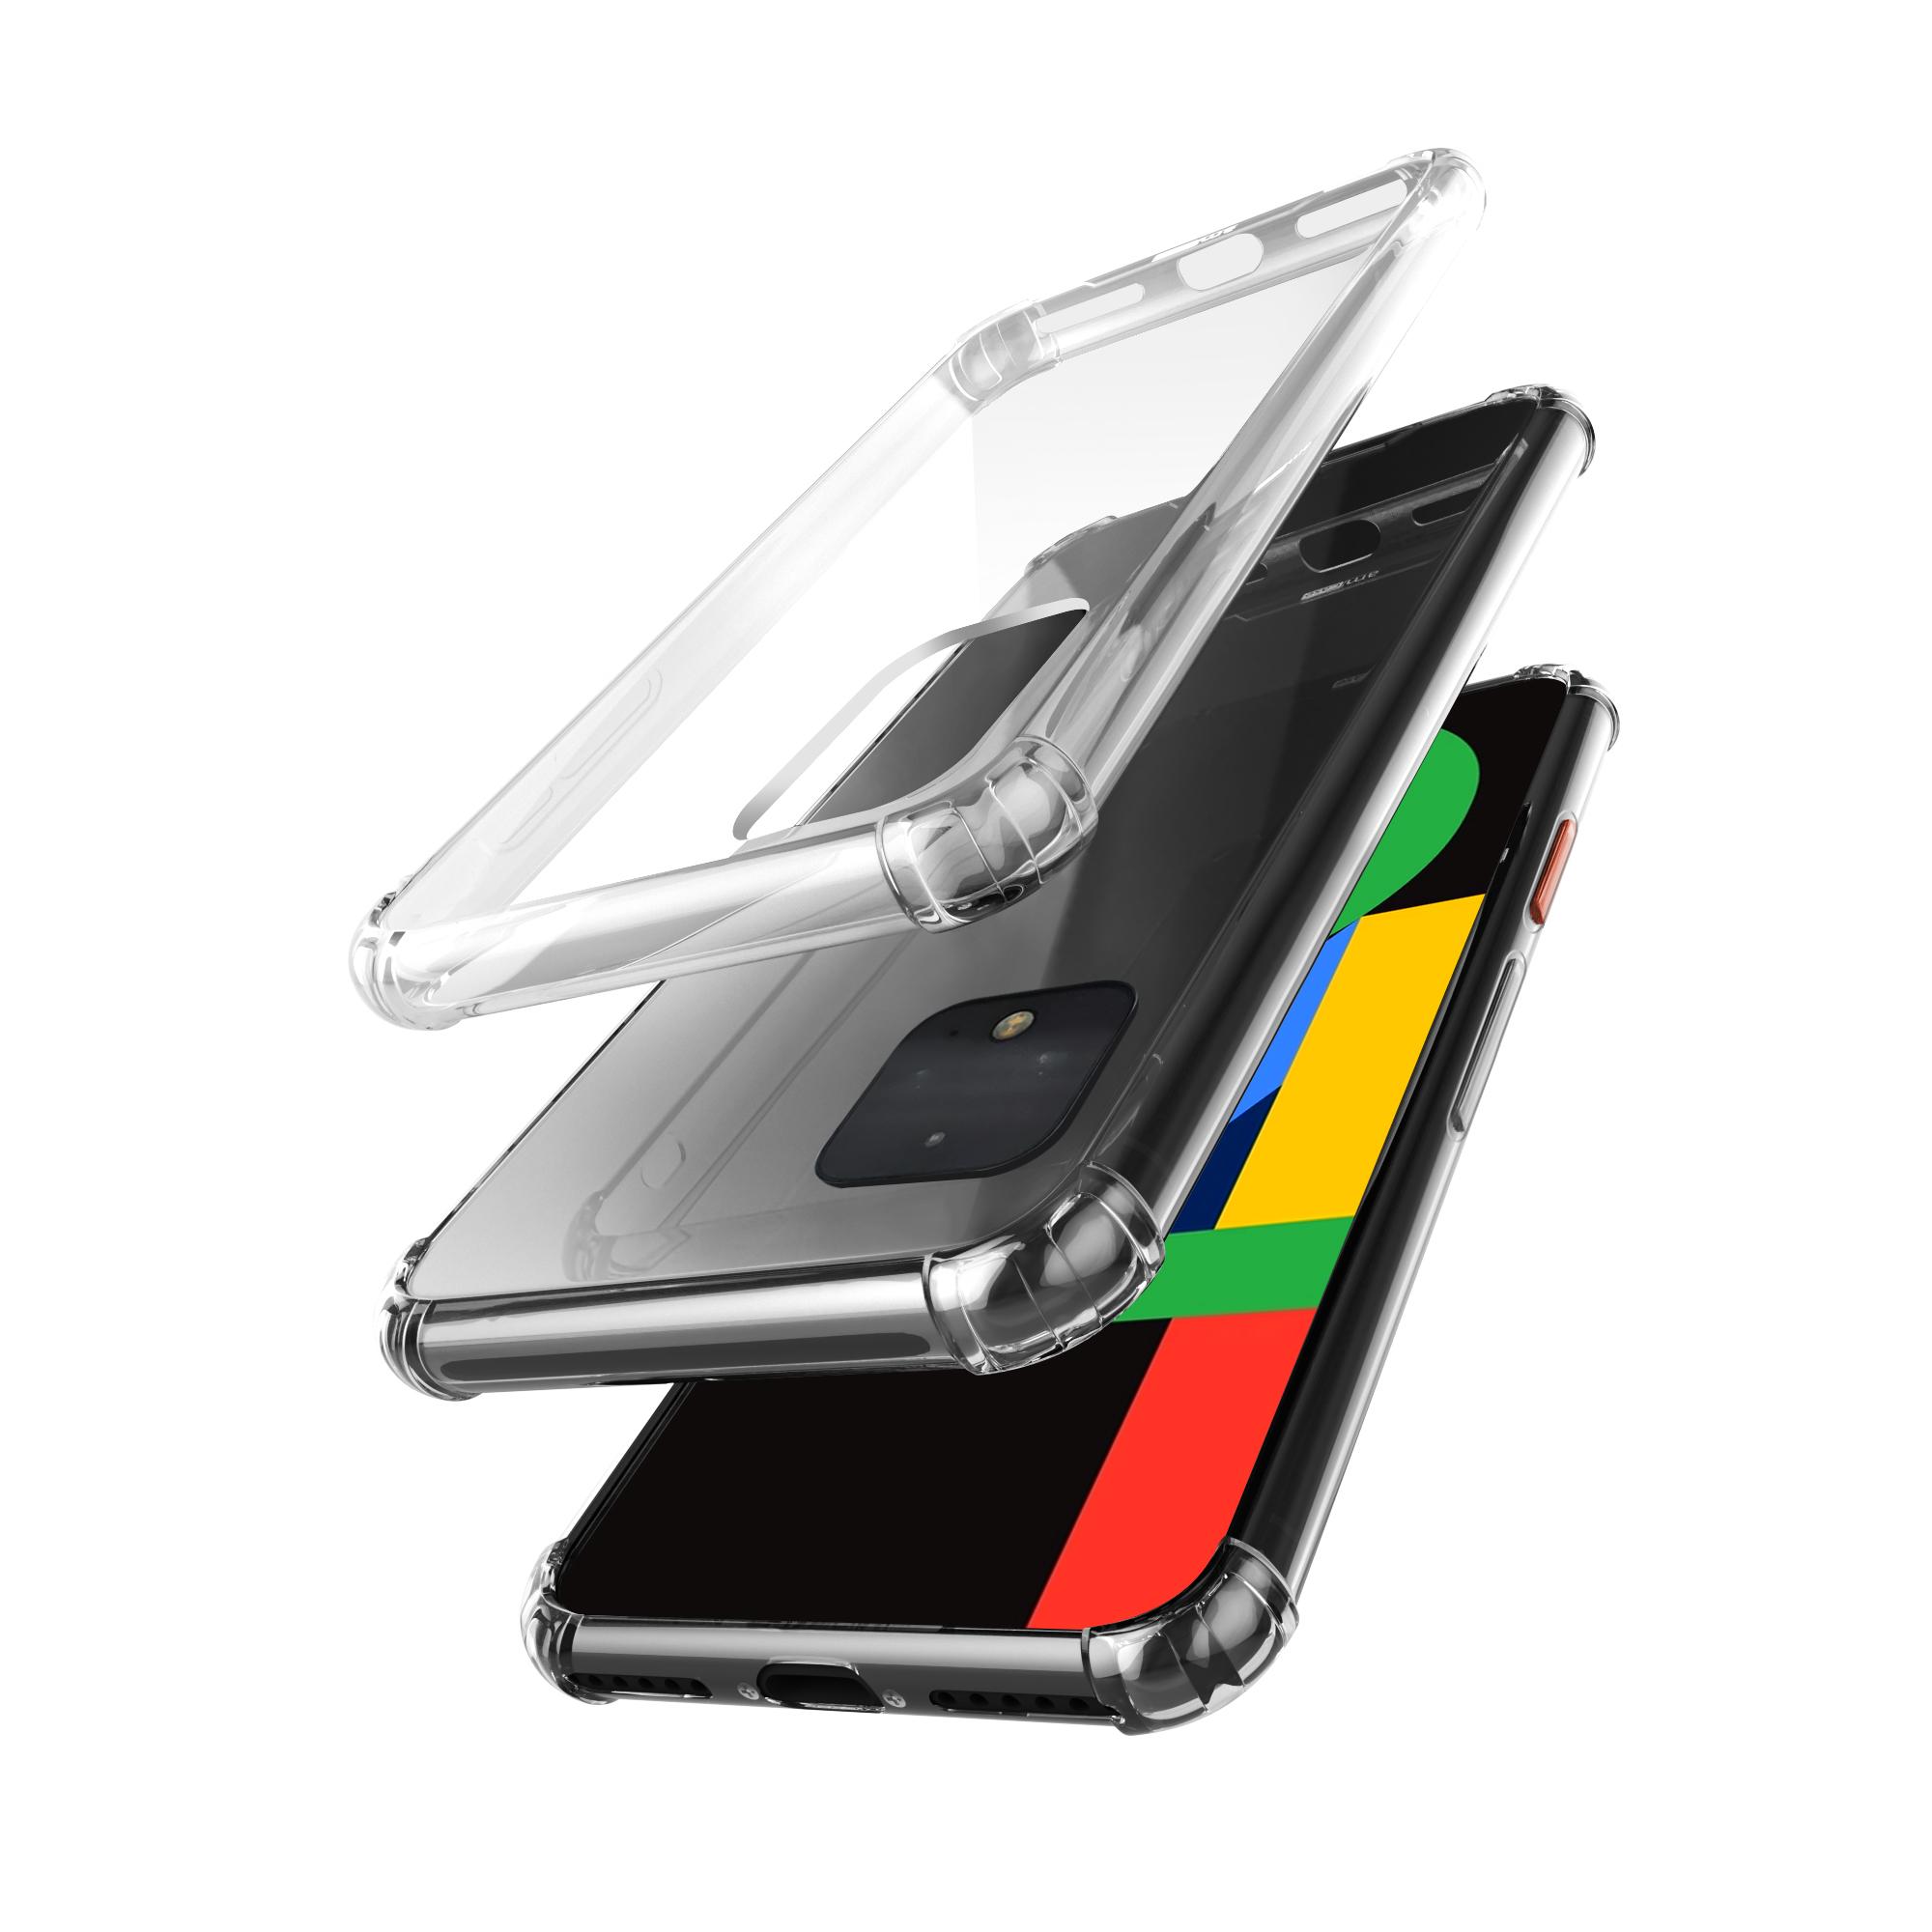 amCase Pixel 4 & 4 XL Cases for $2.97 each